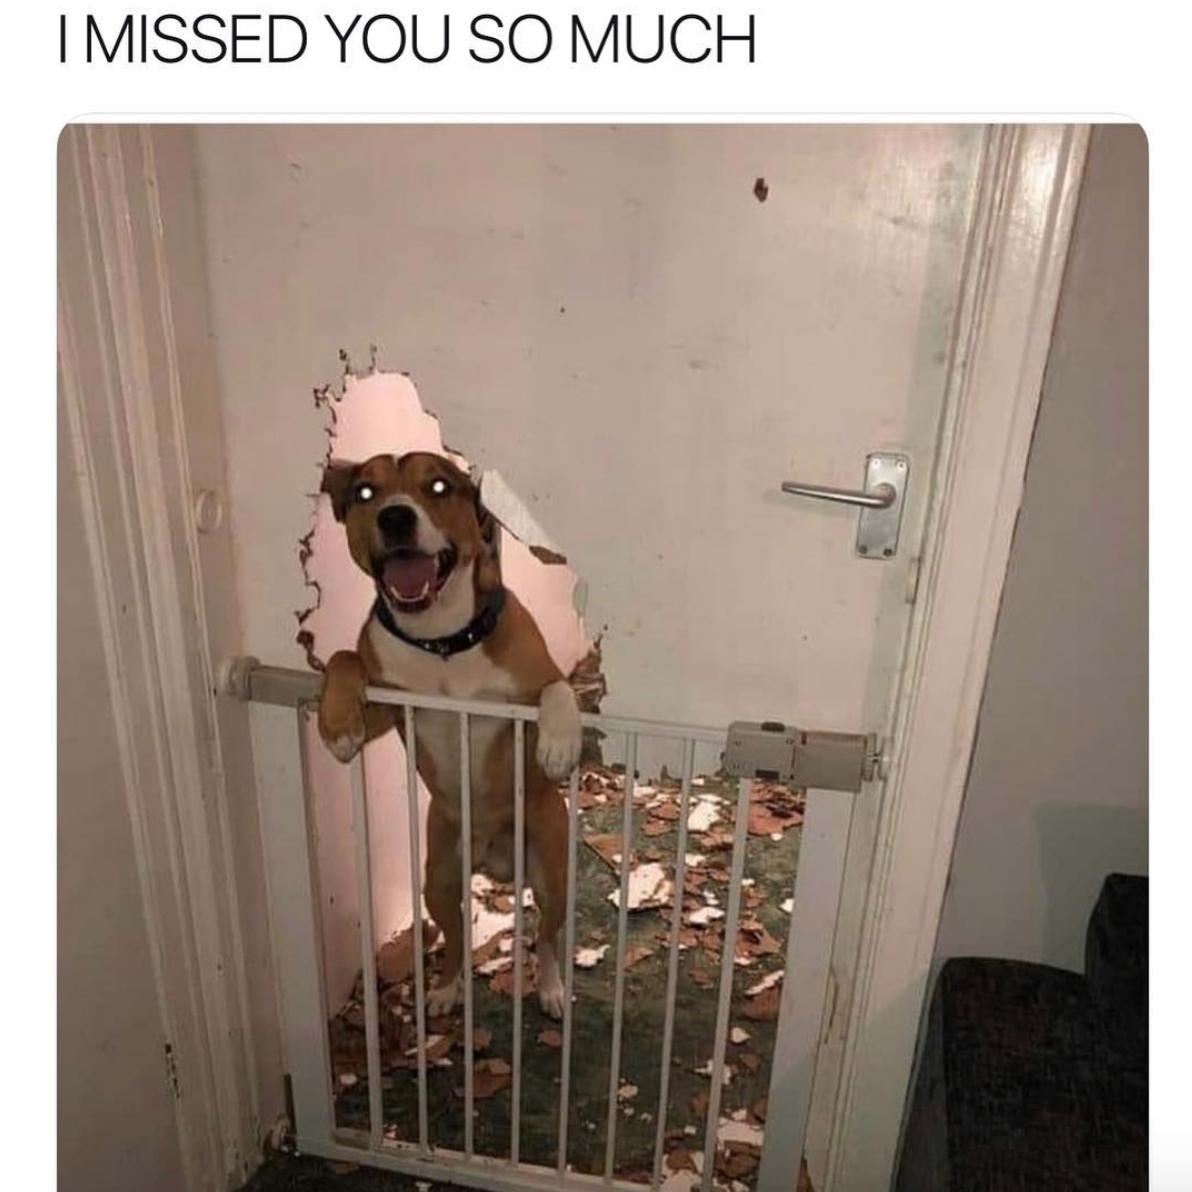 Dog and broken door